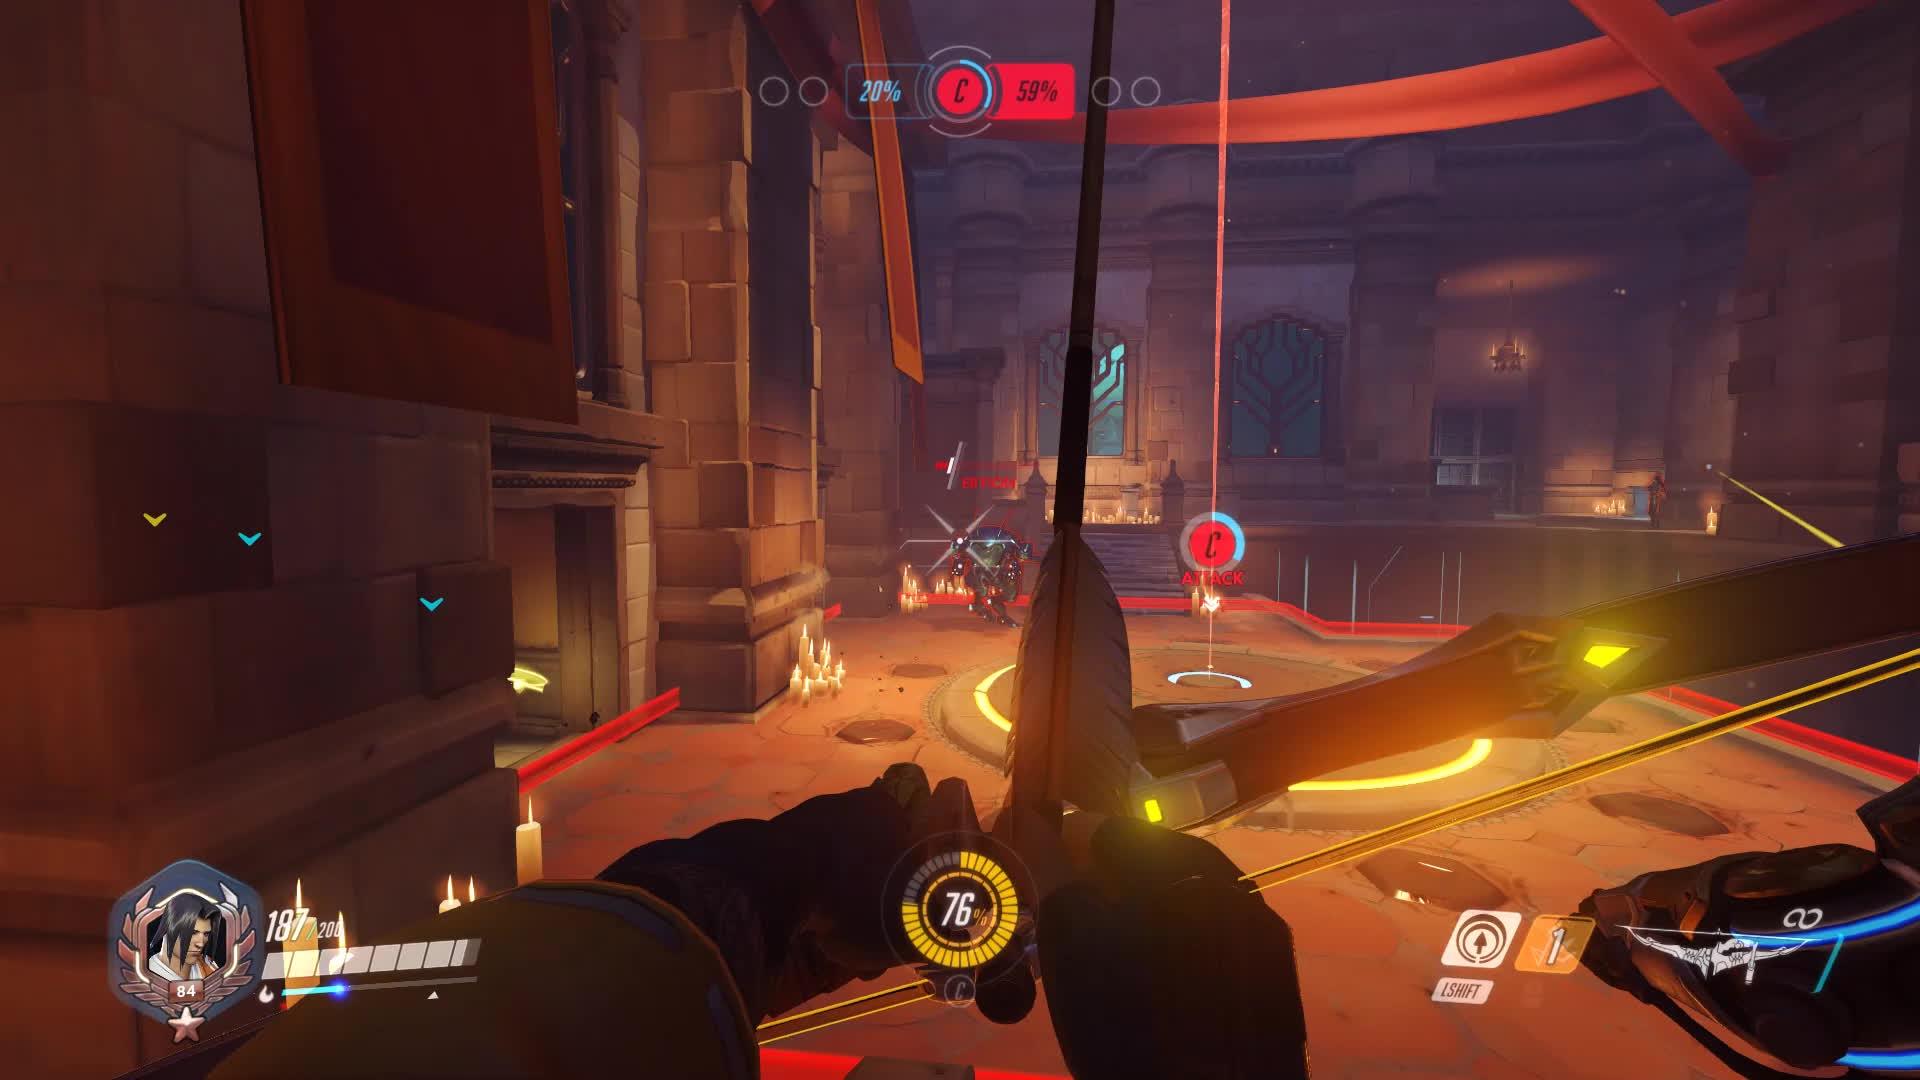 overwatch, Silly widow GIFs